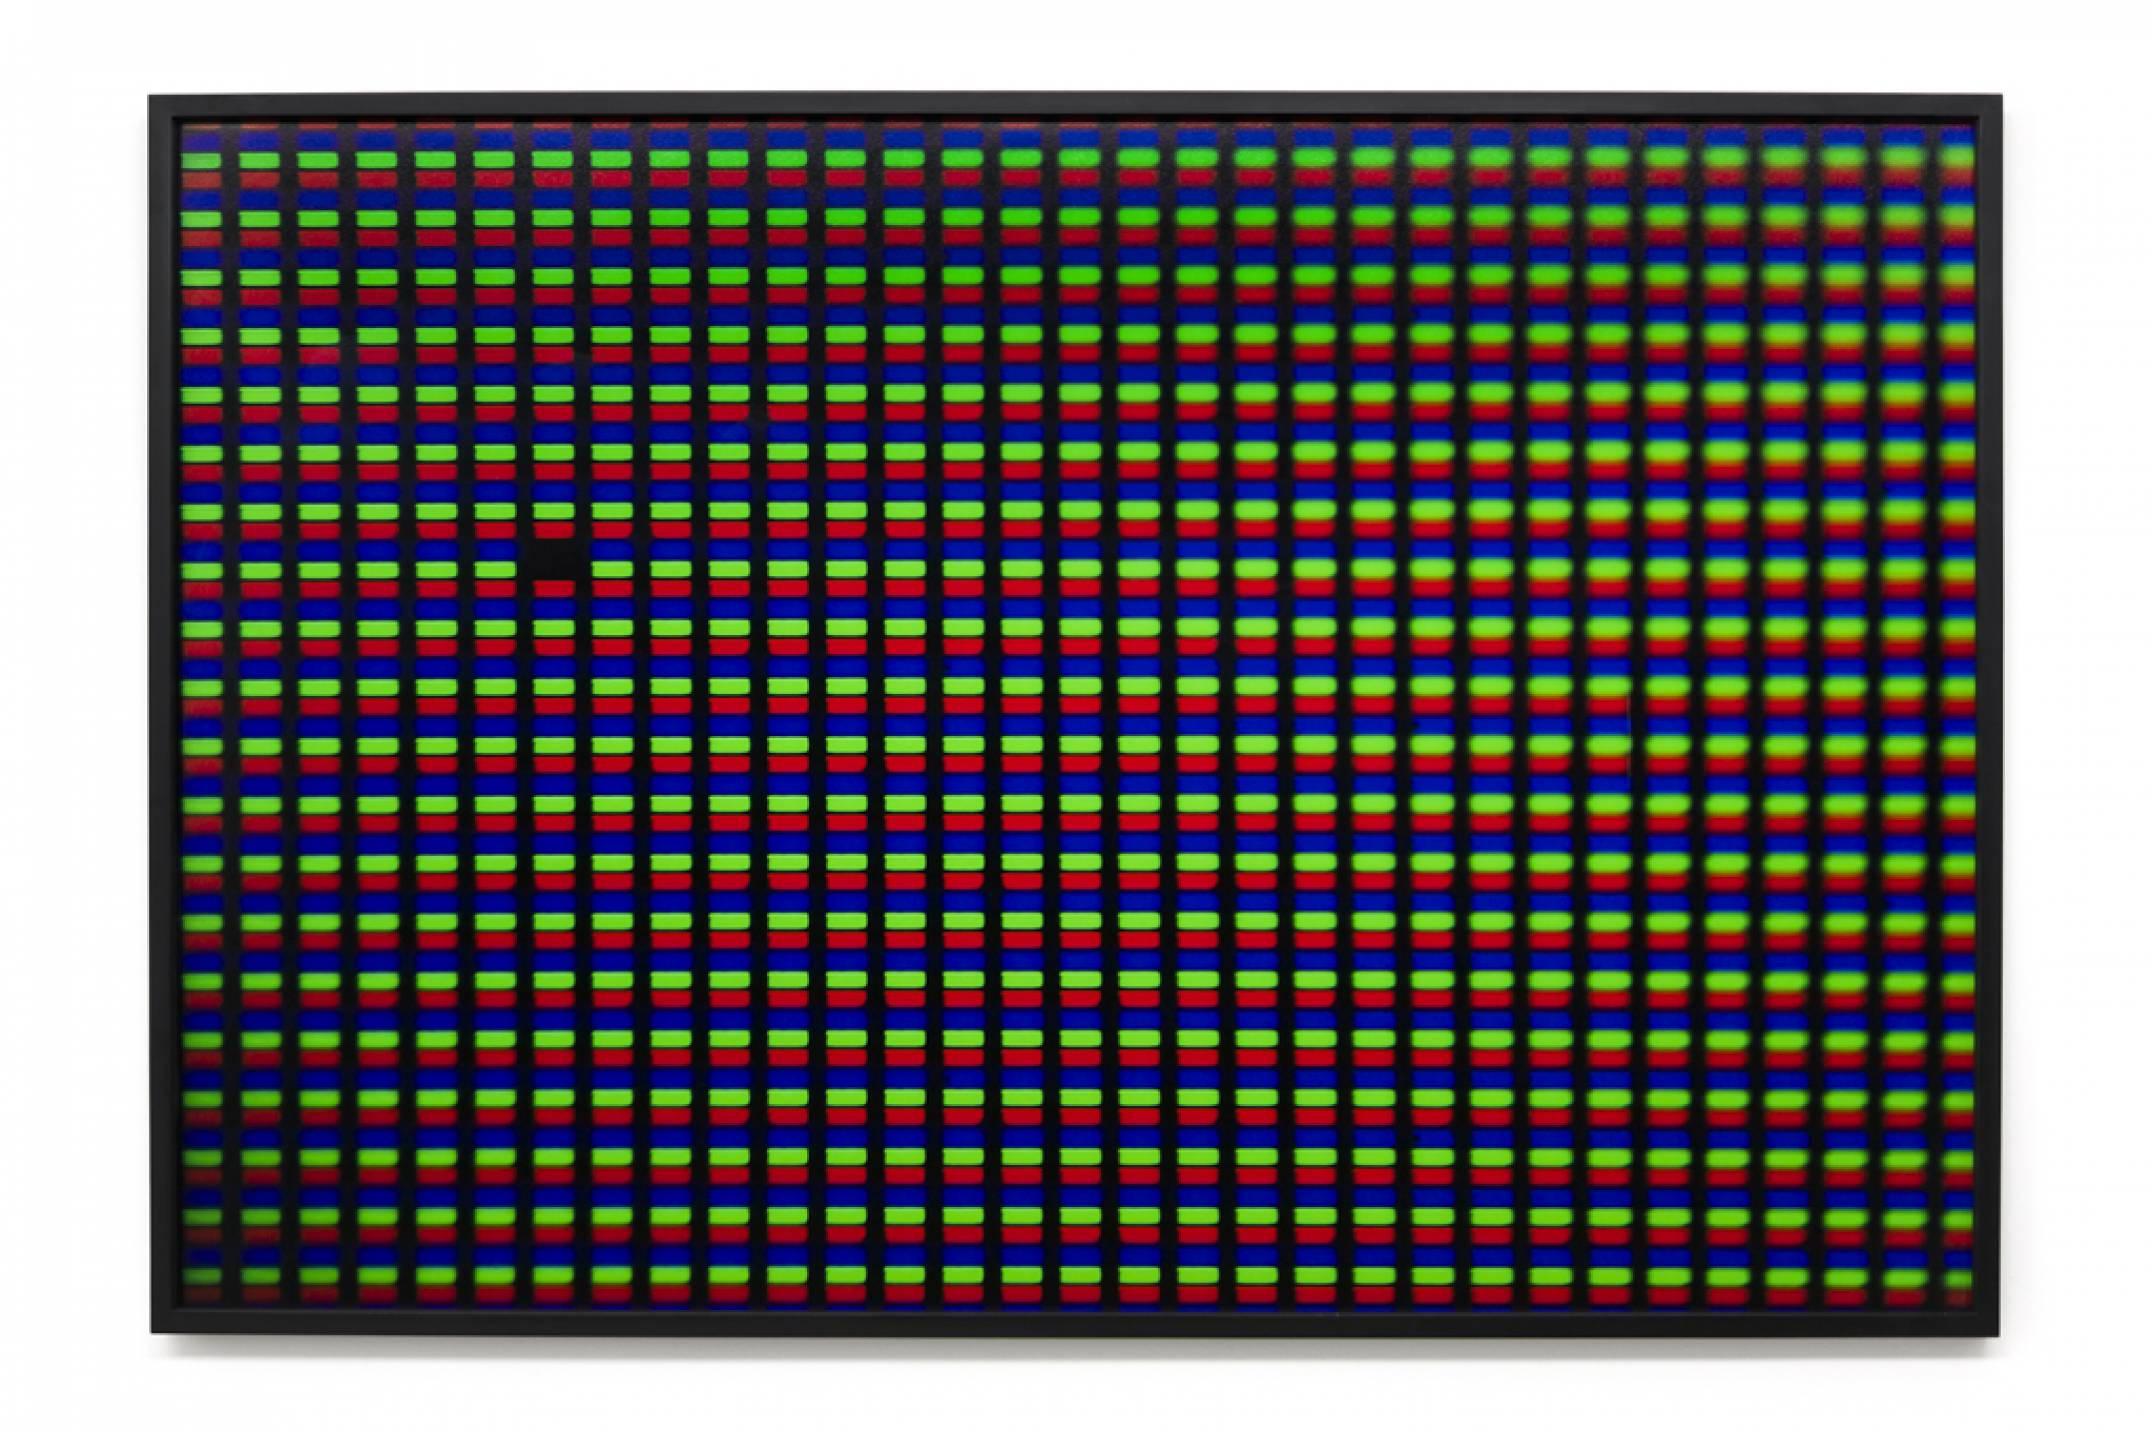 Roberto WInter, <em>Dead pixel (Ipod)</em>, 2017, printing inkjet on paper Hahnemühle FineArt Baryta, 110 × 165 cm - Mendes Wood DM